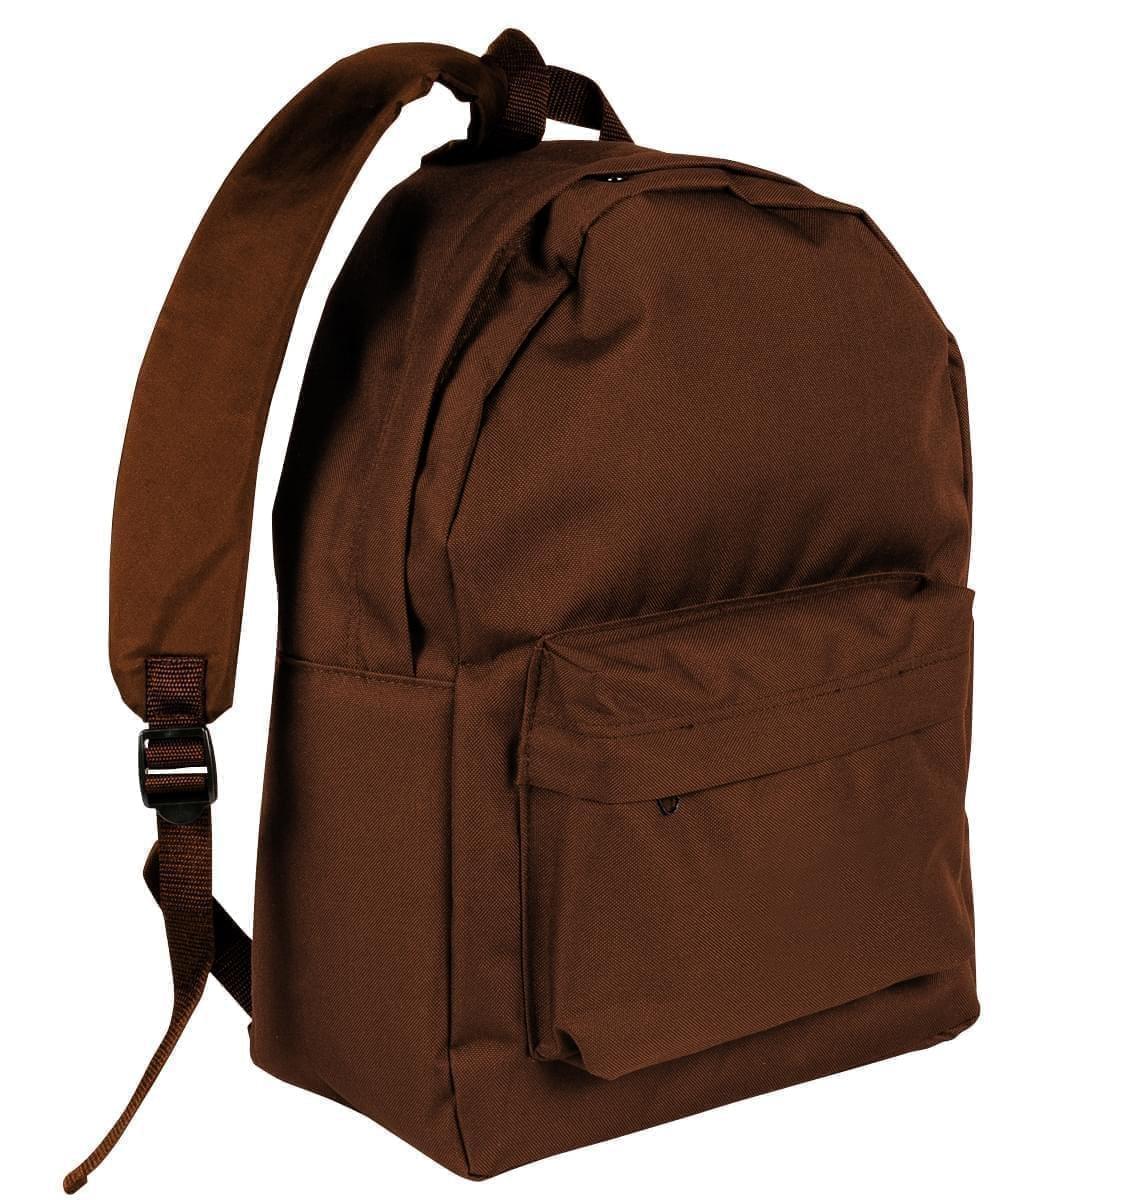 USA Made Nylon Poly Backpack Knapsacks, Brown-Brown, 8960-APS